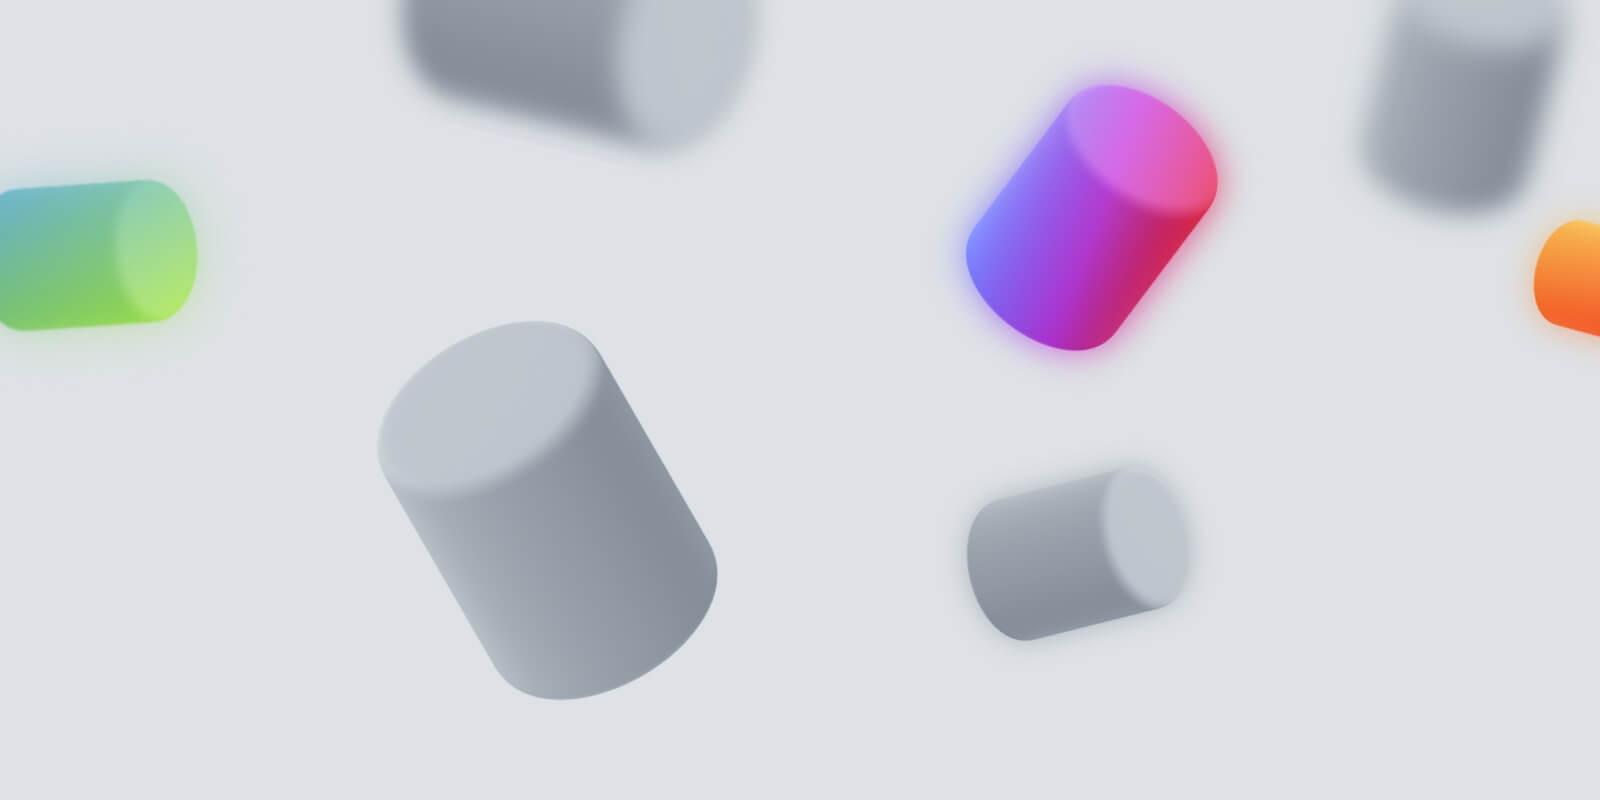 portfolio-intro-image